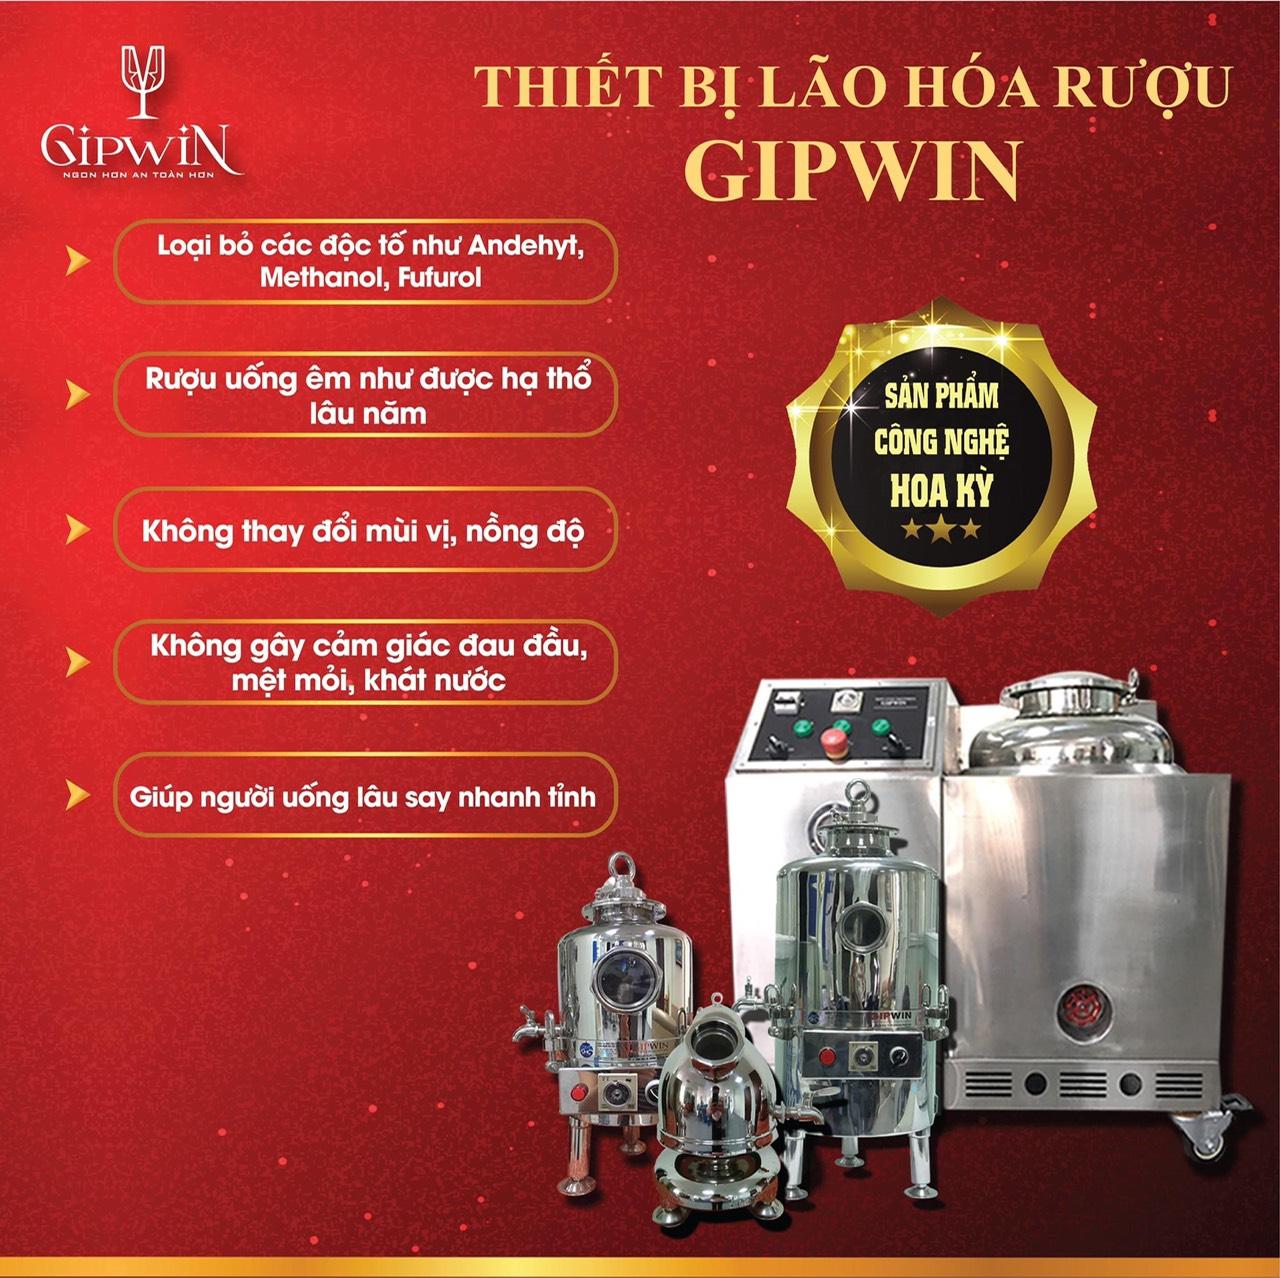 Ngon hơn, an toàn hơn khi sử dụng rượu qua thiết bị lão hóa rượu Gipwin